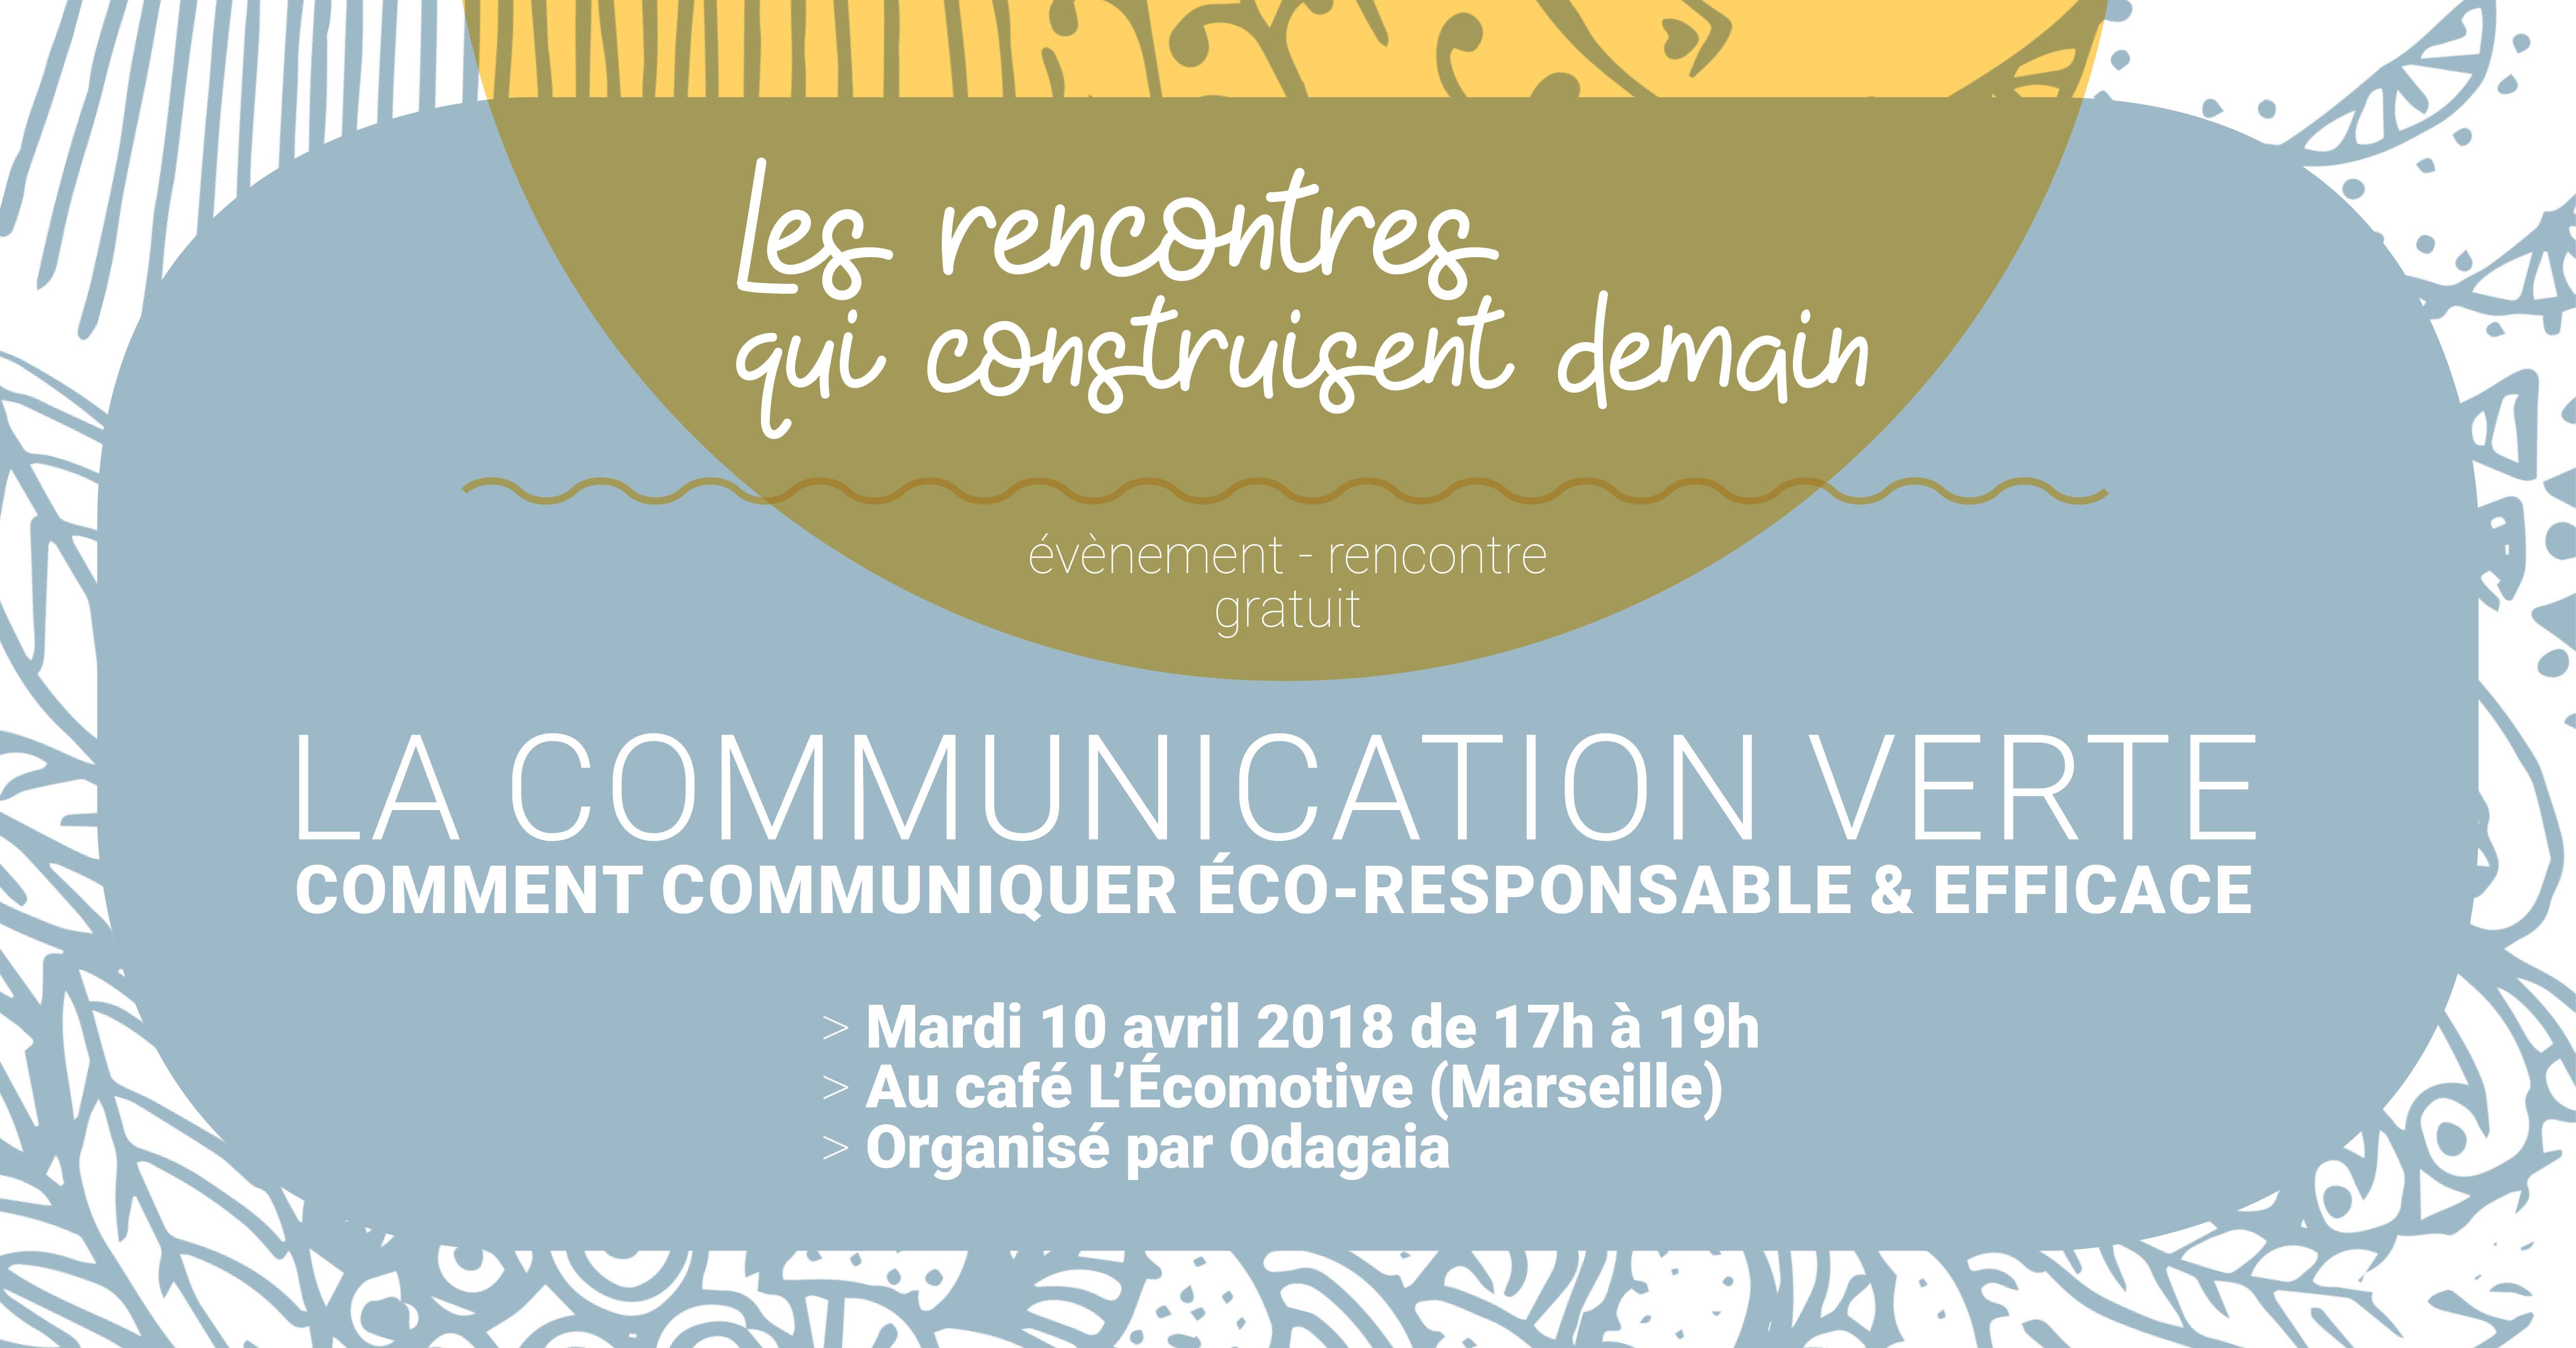 Les rencontres qui construisent demain # 1 : La communication verte – Comment communiquer eco responsable et efficace ?